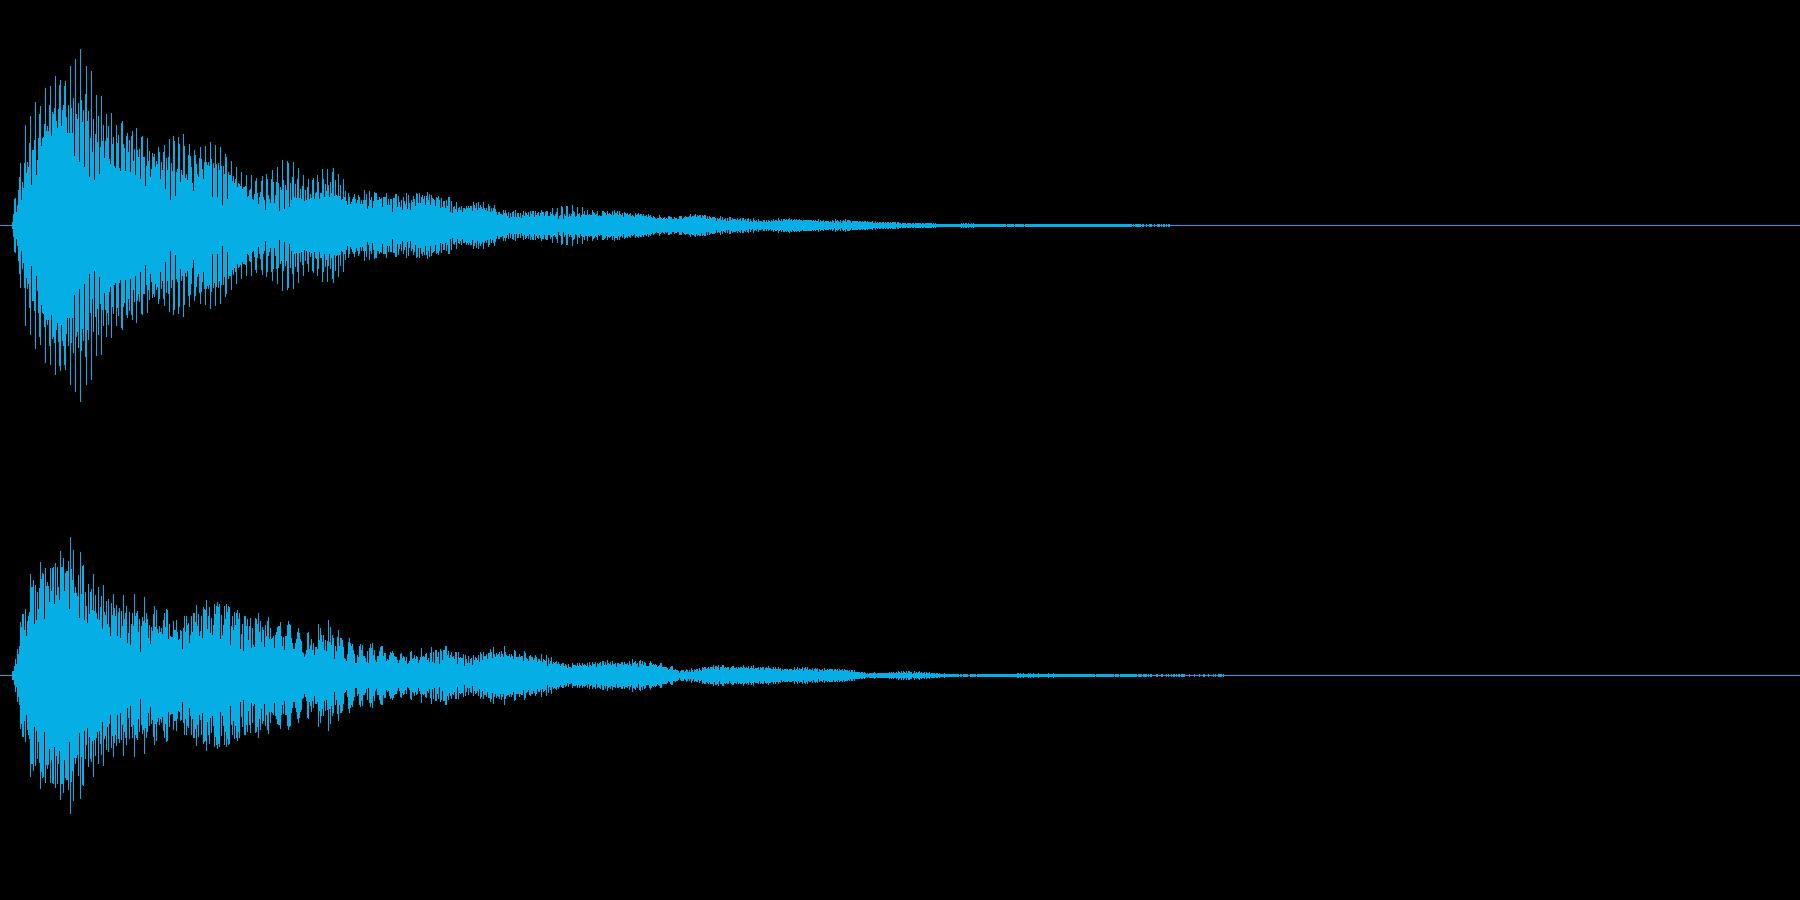 ふわっと光るような決定音/シンセサイザーの再生済みの波形